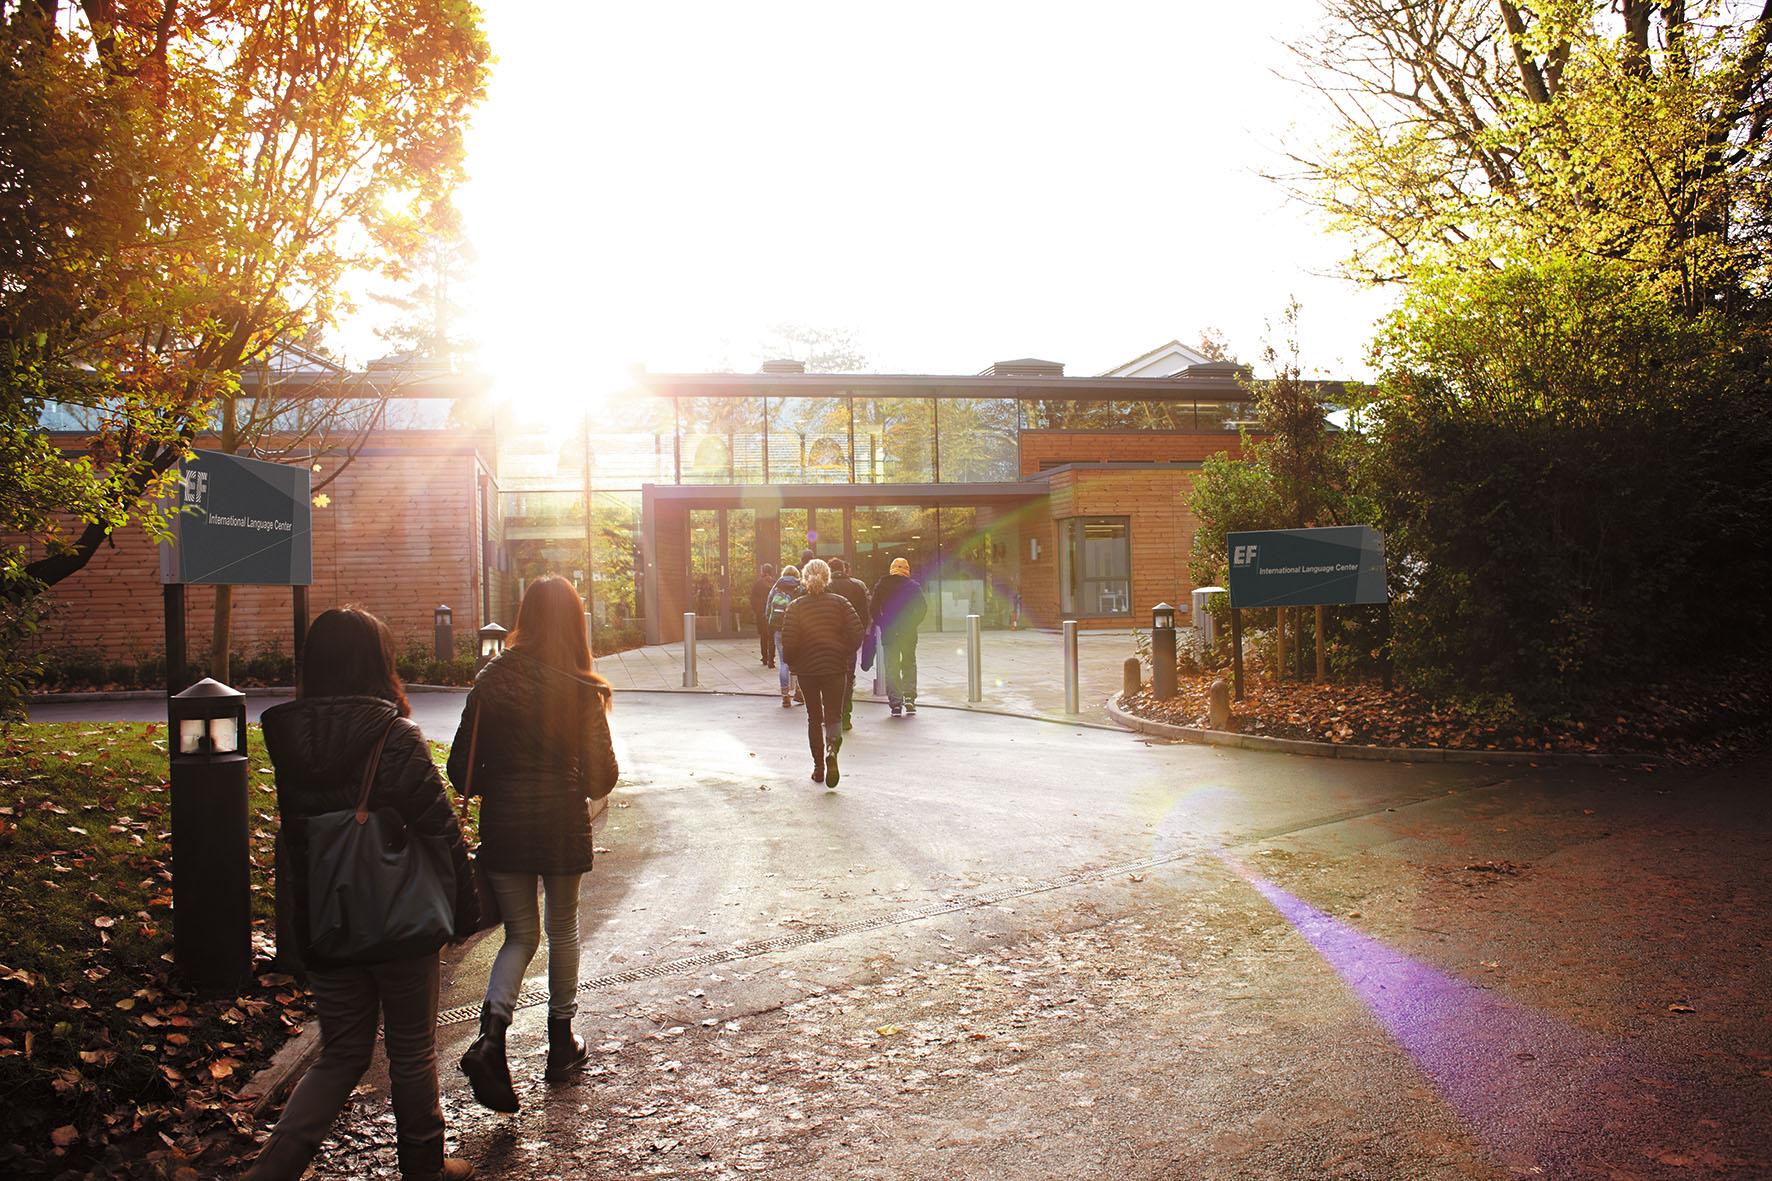 EFオックスフォード校